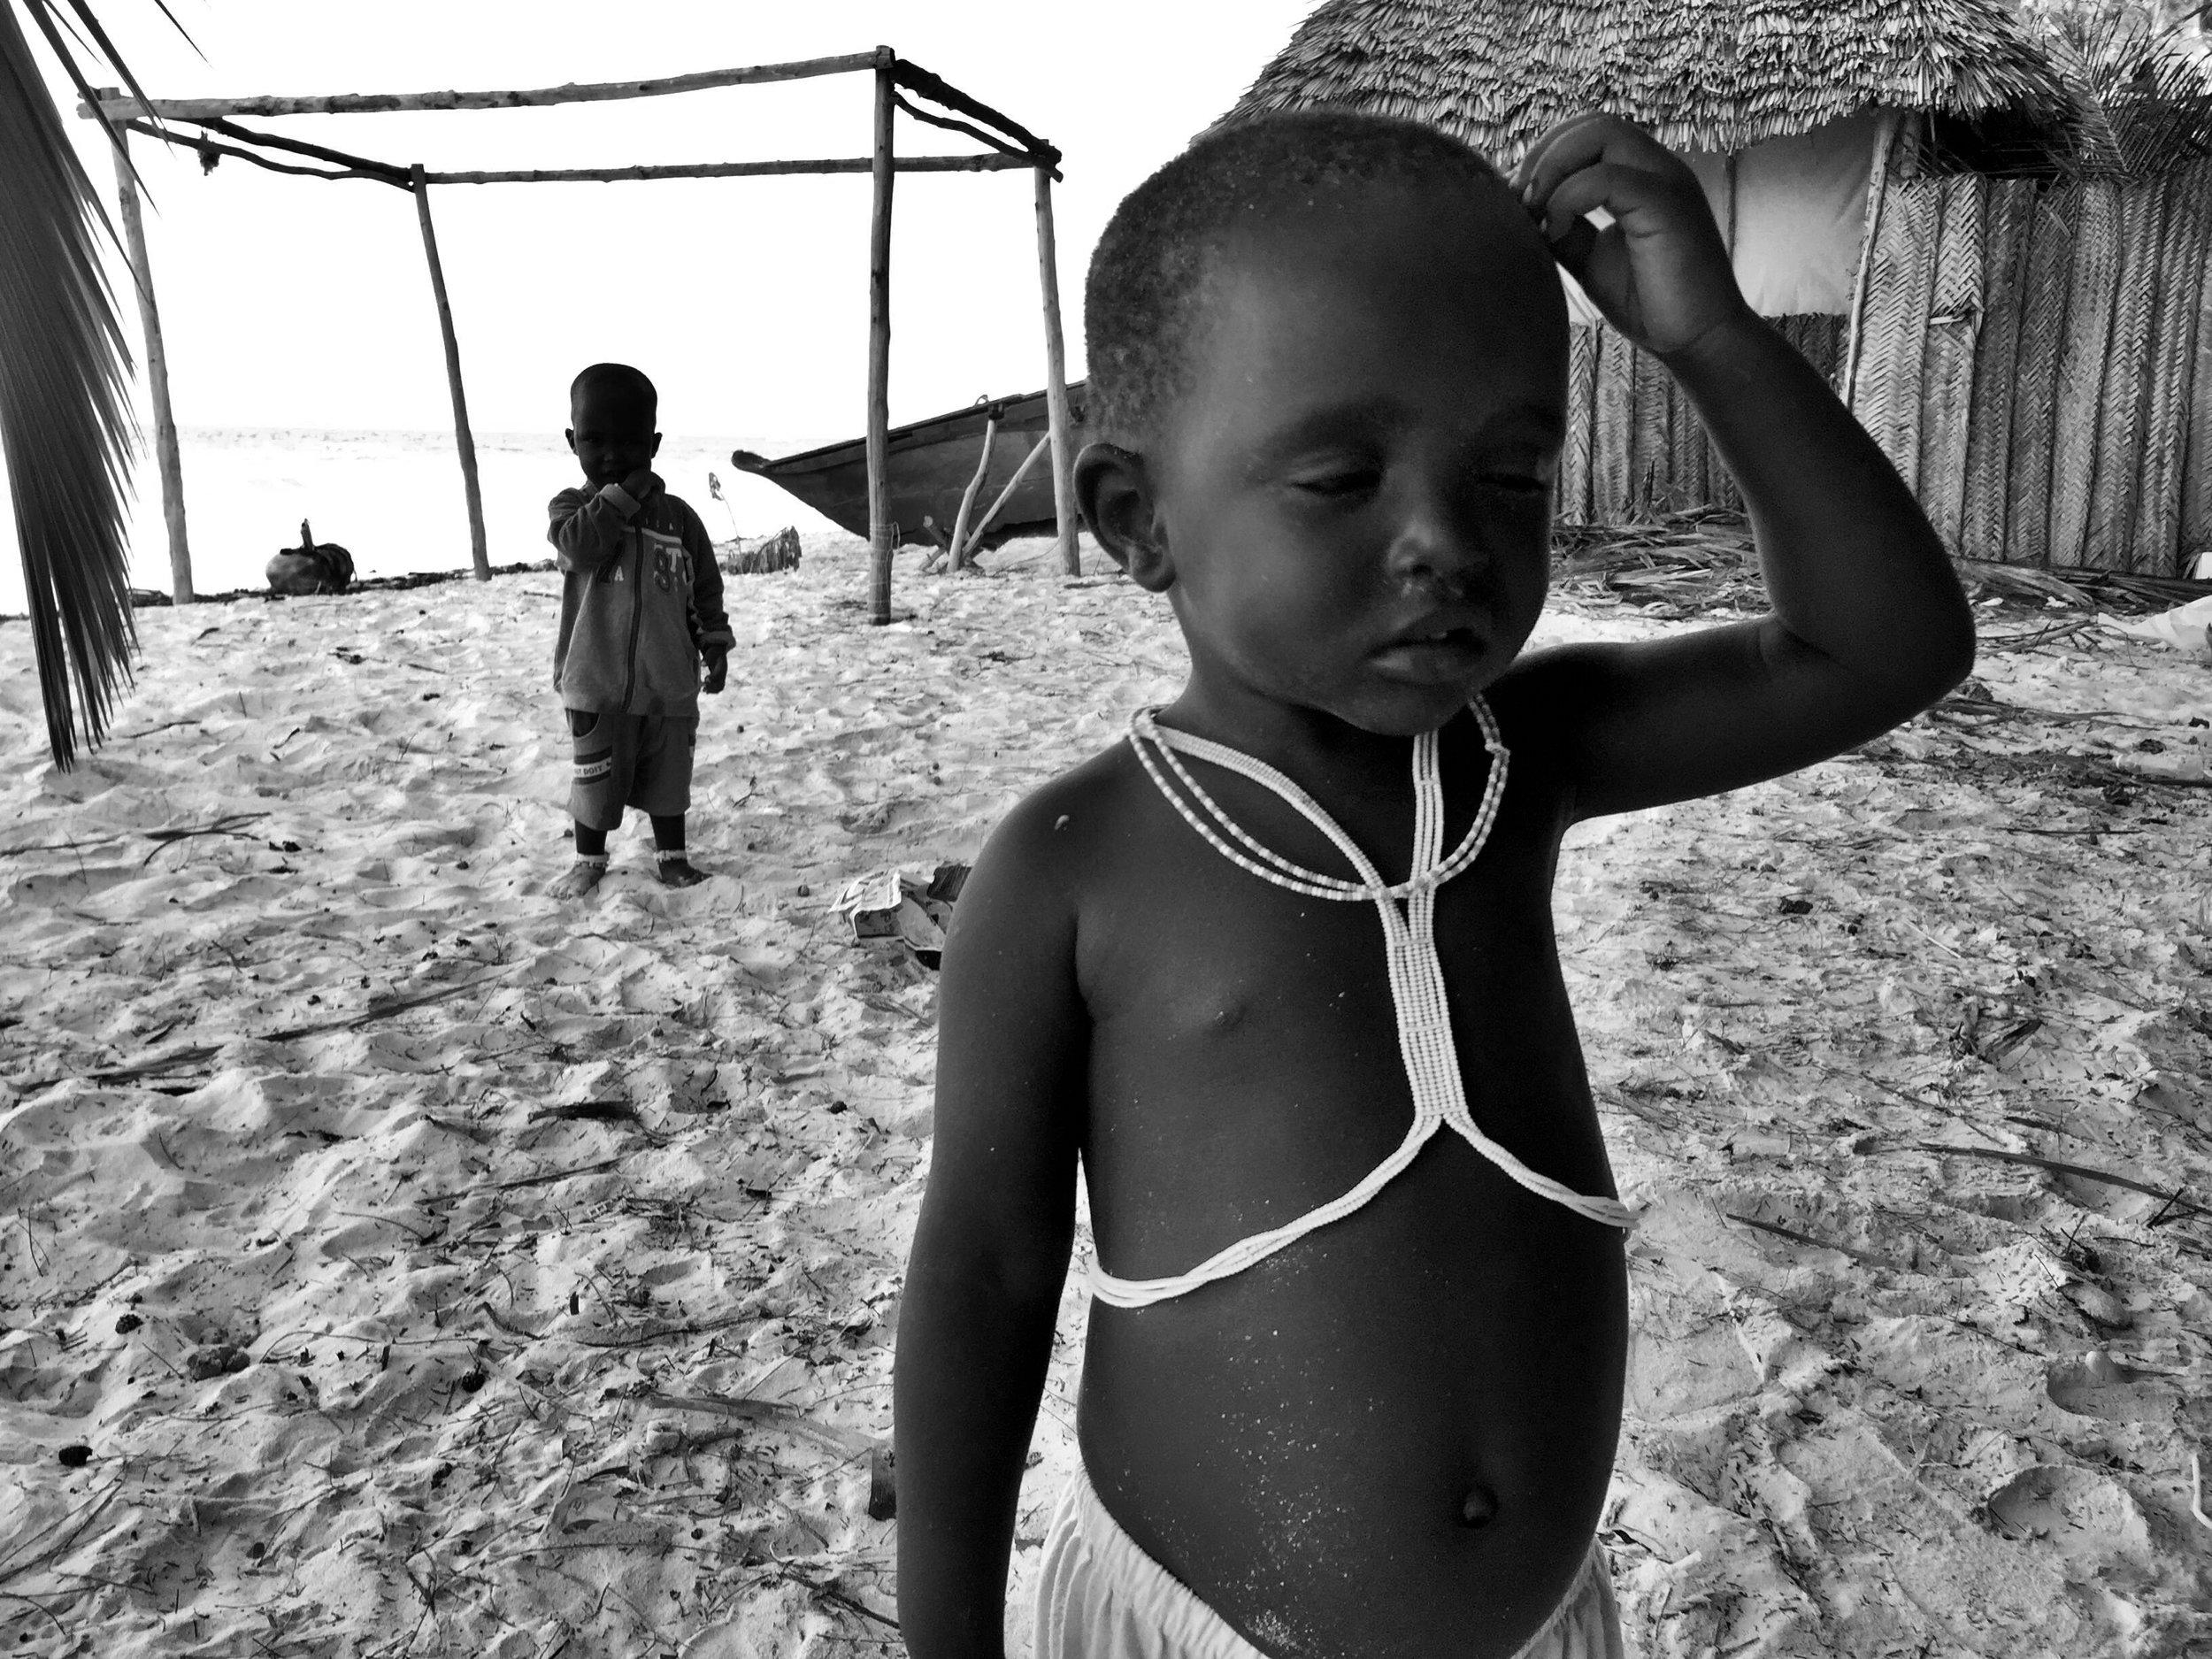 Zanzibar-masai-babies-beach.jpg